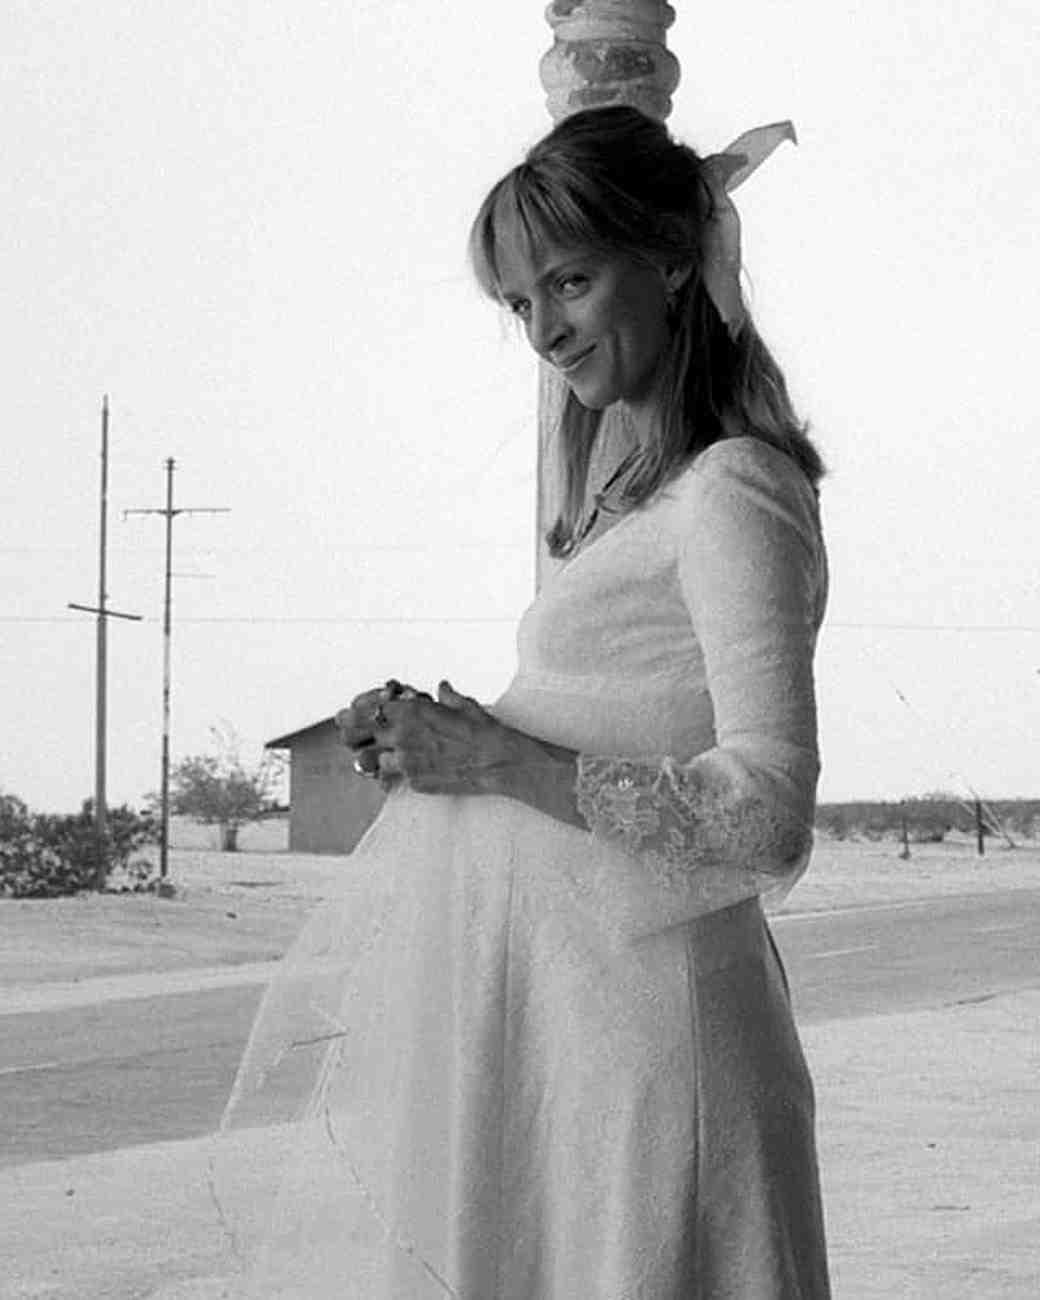 movie-wedding-dresses-kill-bill-uma-therman-0316.jpg